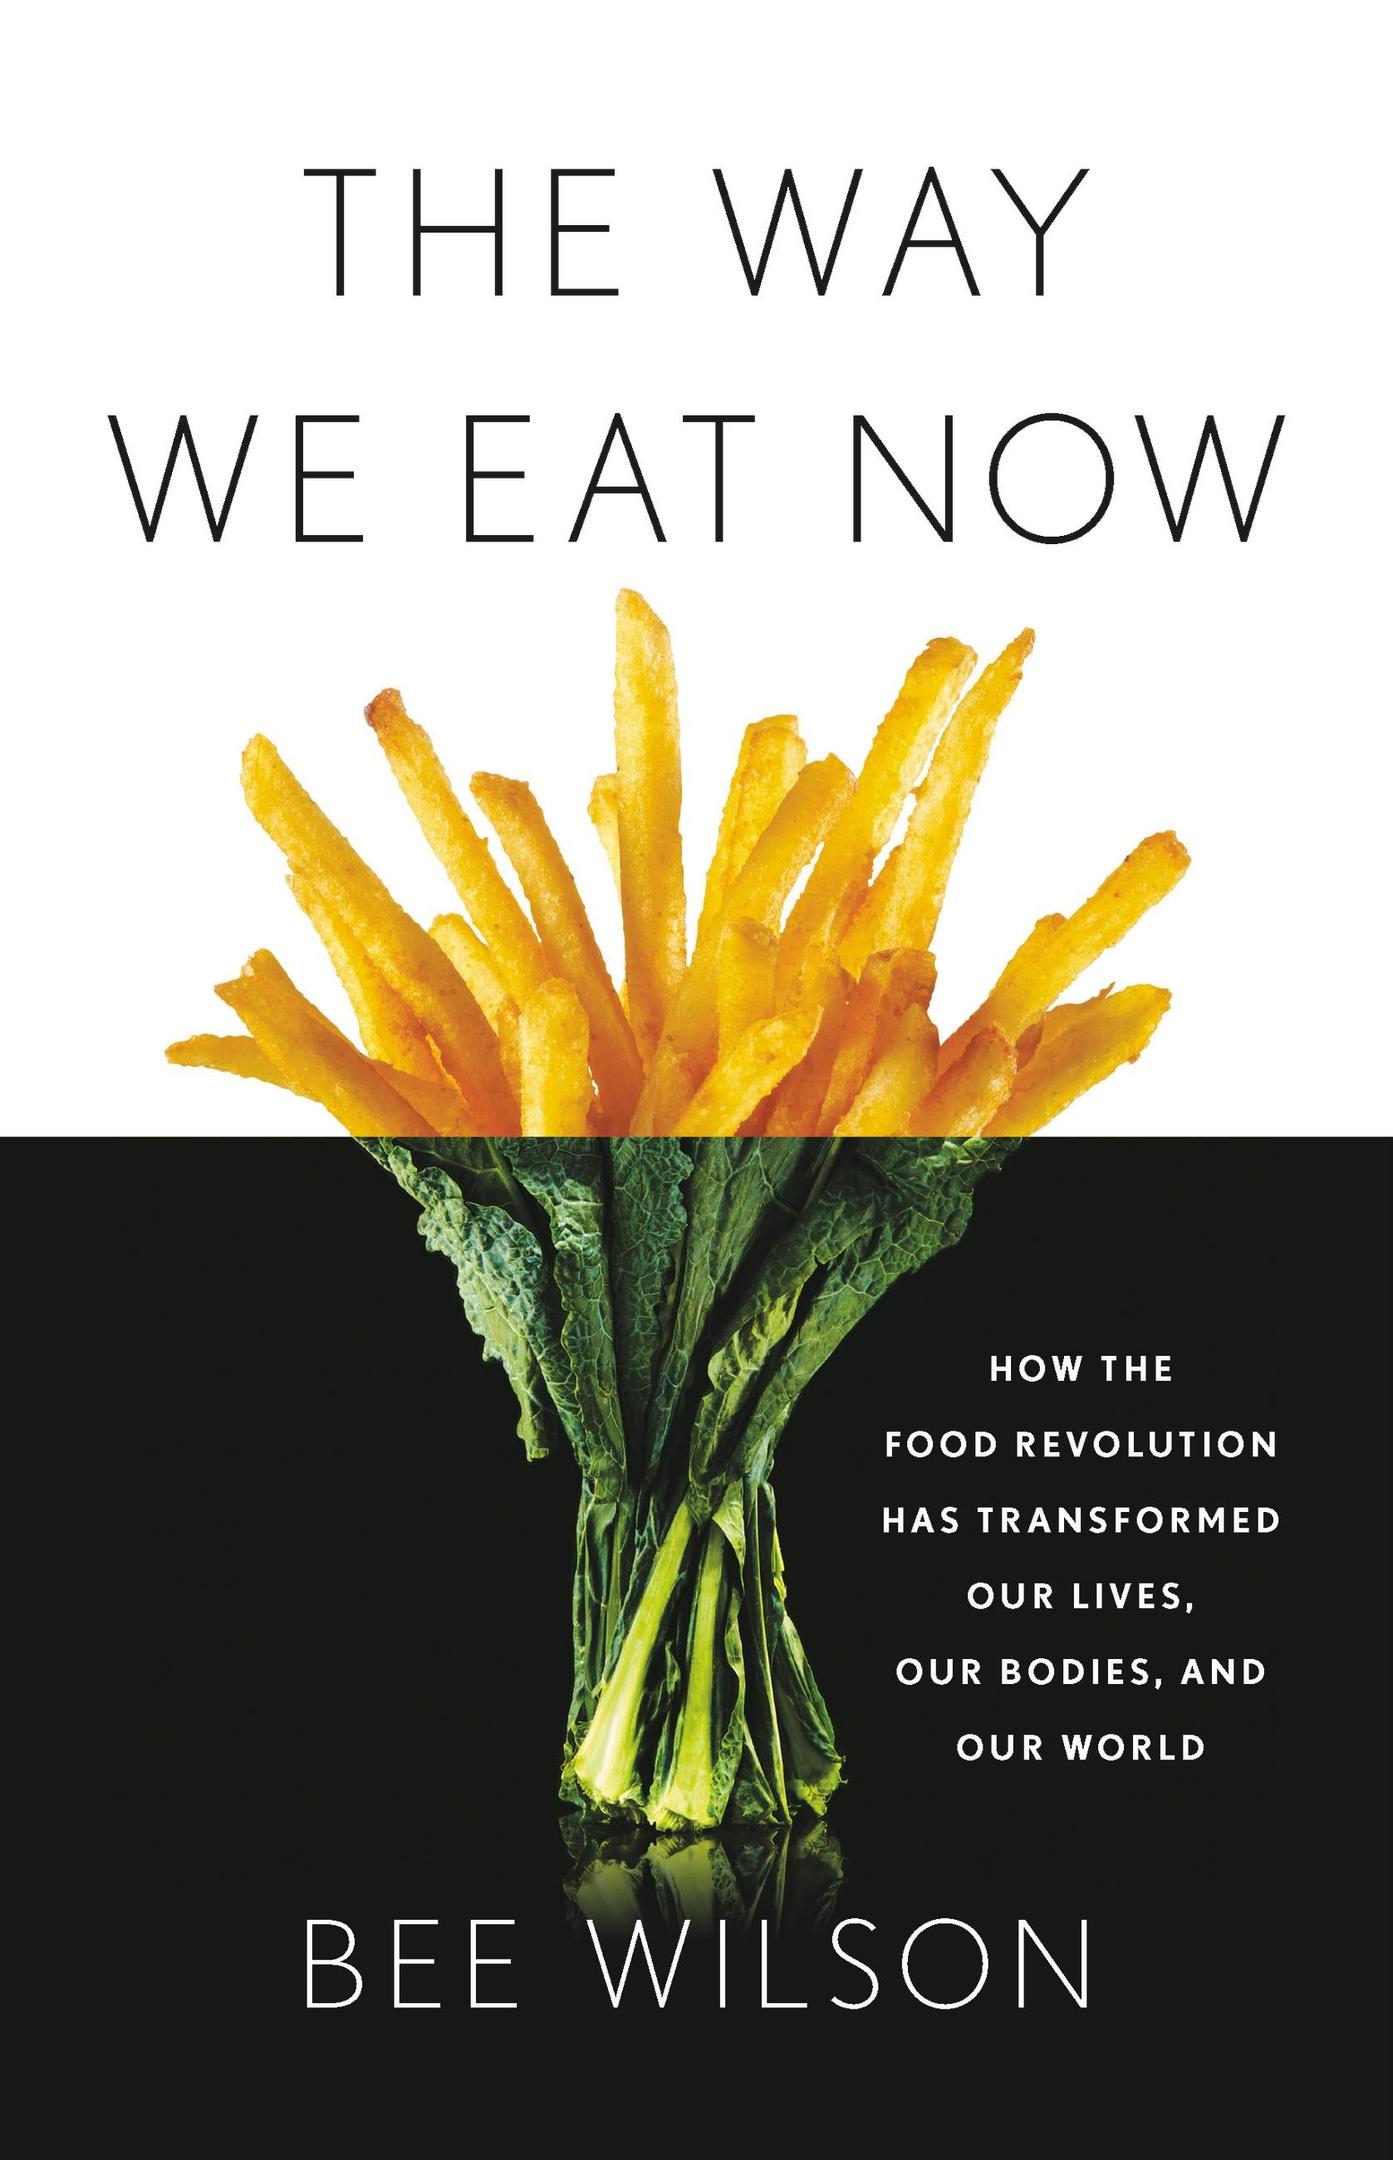 Bee Wilson – The Way We Eat